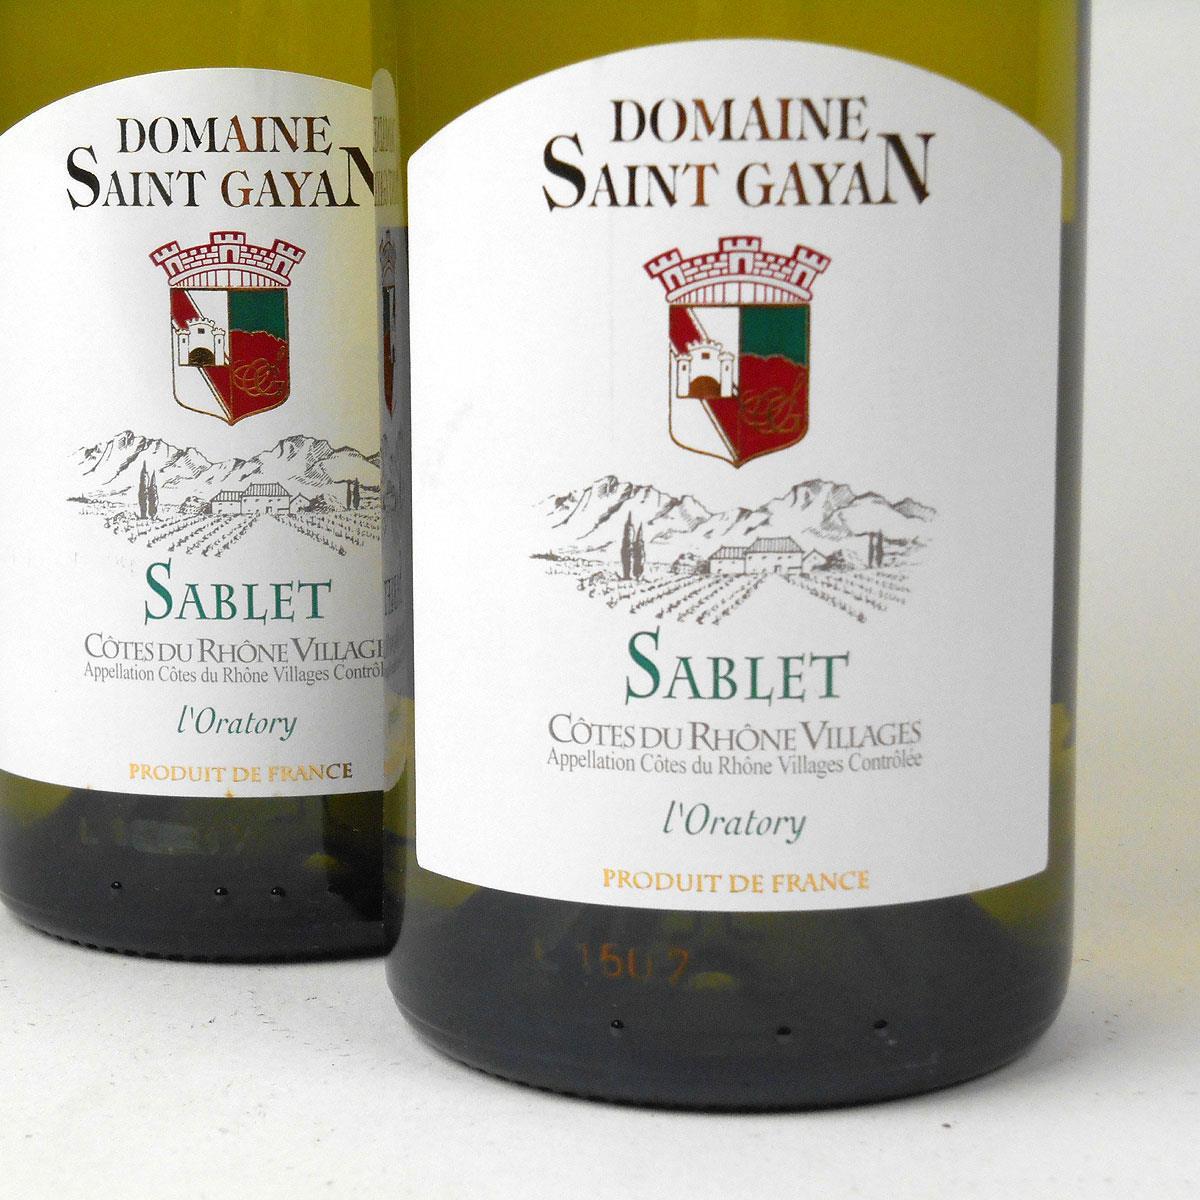 Côtes du Rhône Villages Sablet: Domaine Saint Gayan 2016